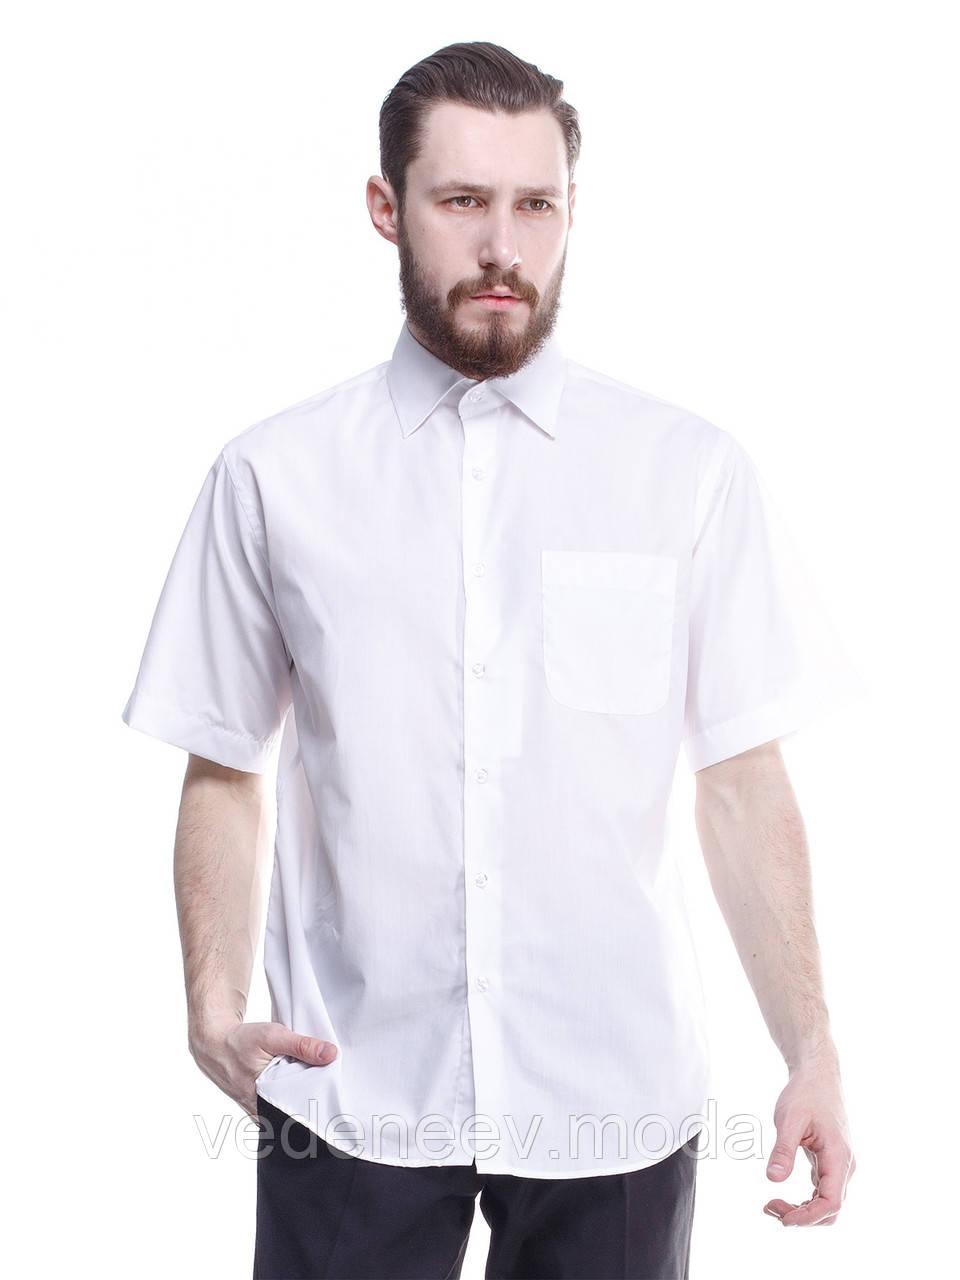 57dc8d8157f1ce4 Белая классическая мужская рубашка с коротким рукавом - Мужские и женские  РУБАШКИ для ВСЕХ.